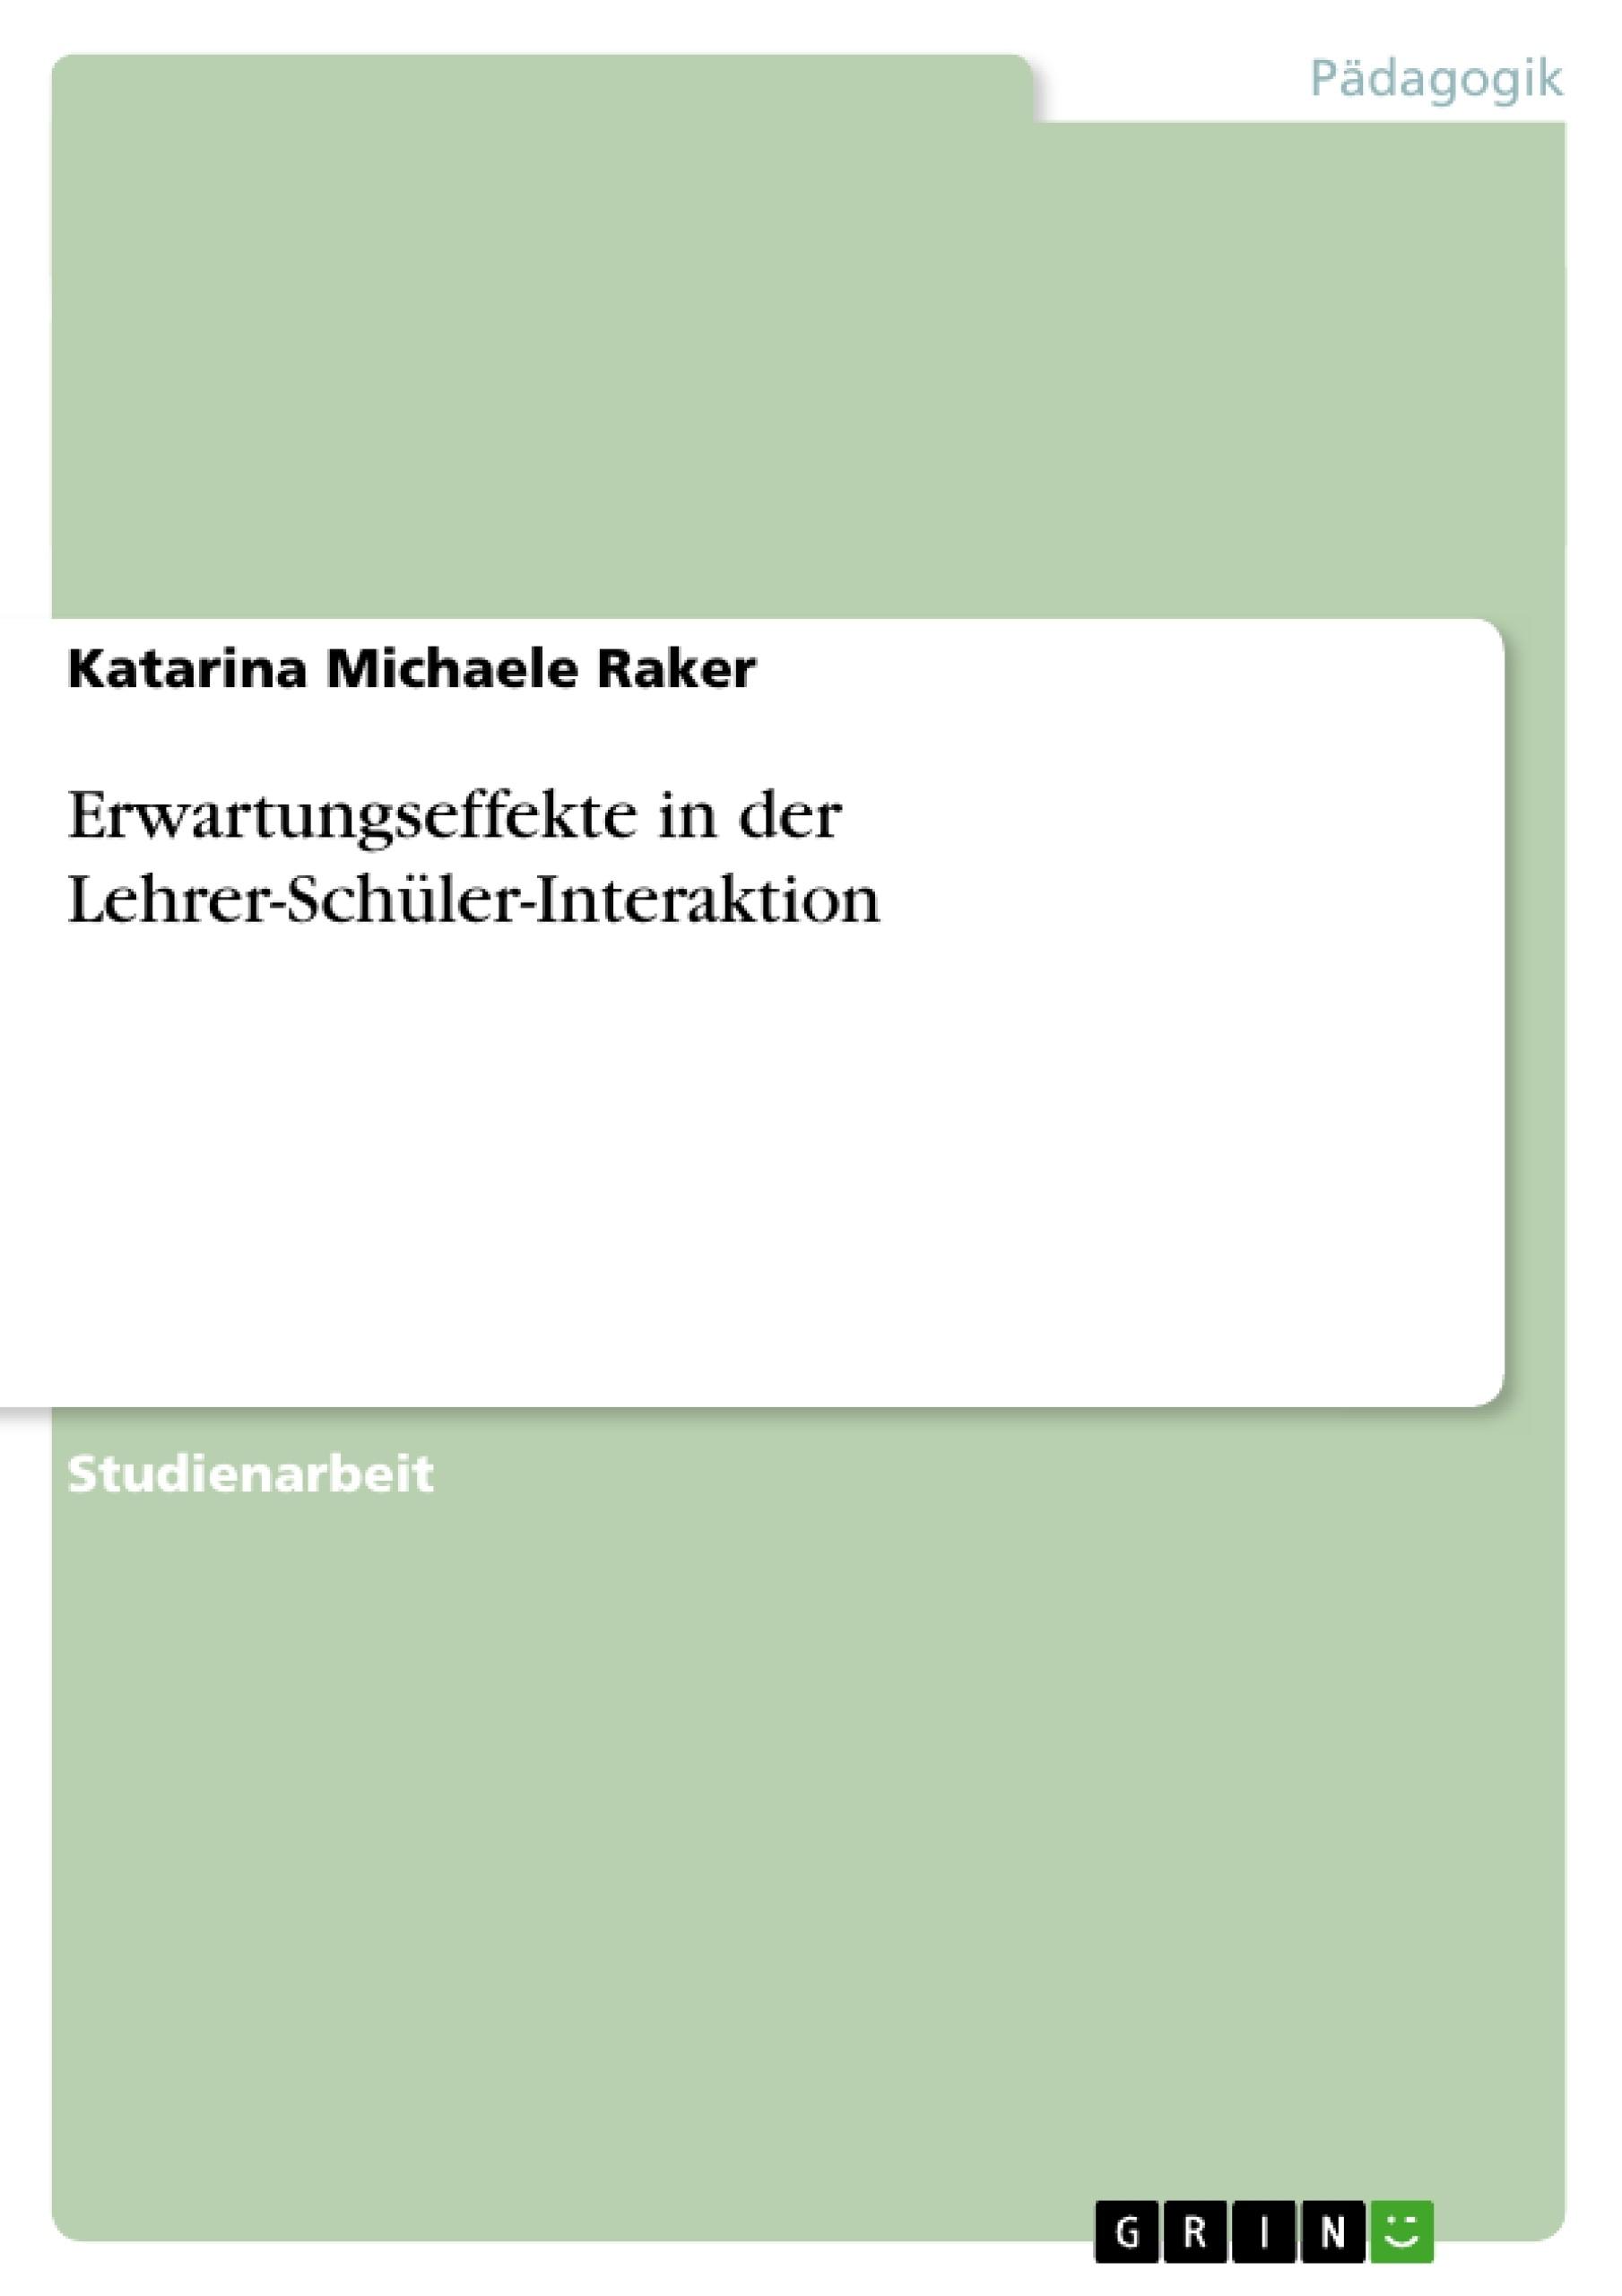 Titel: Erwartungseffekte in der Lehrer-Schüler-Interaktion